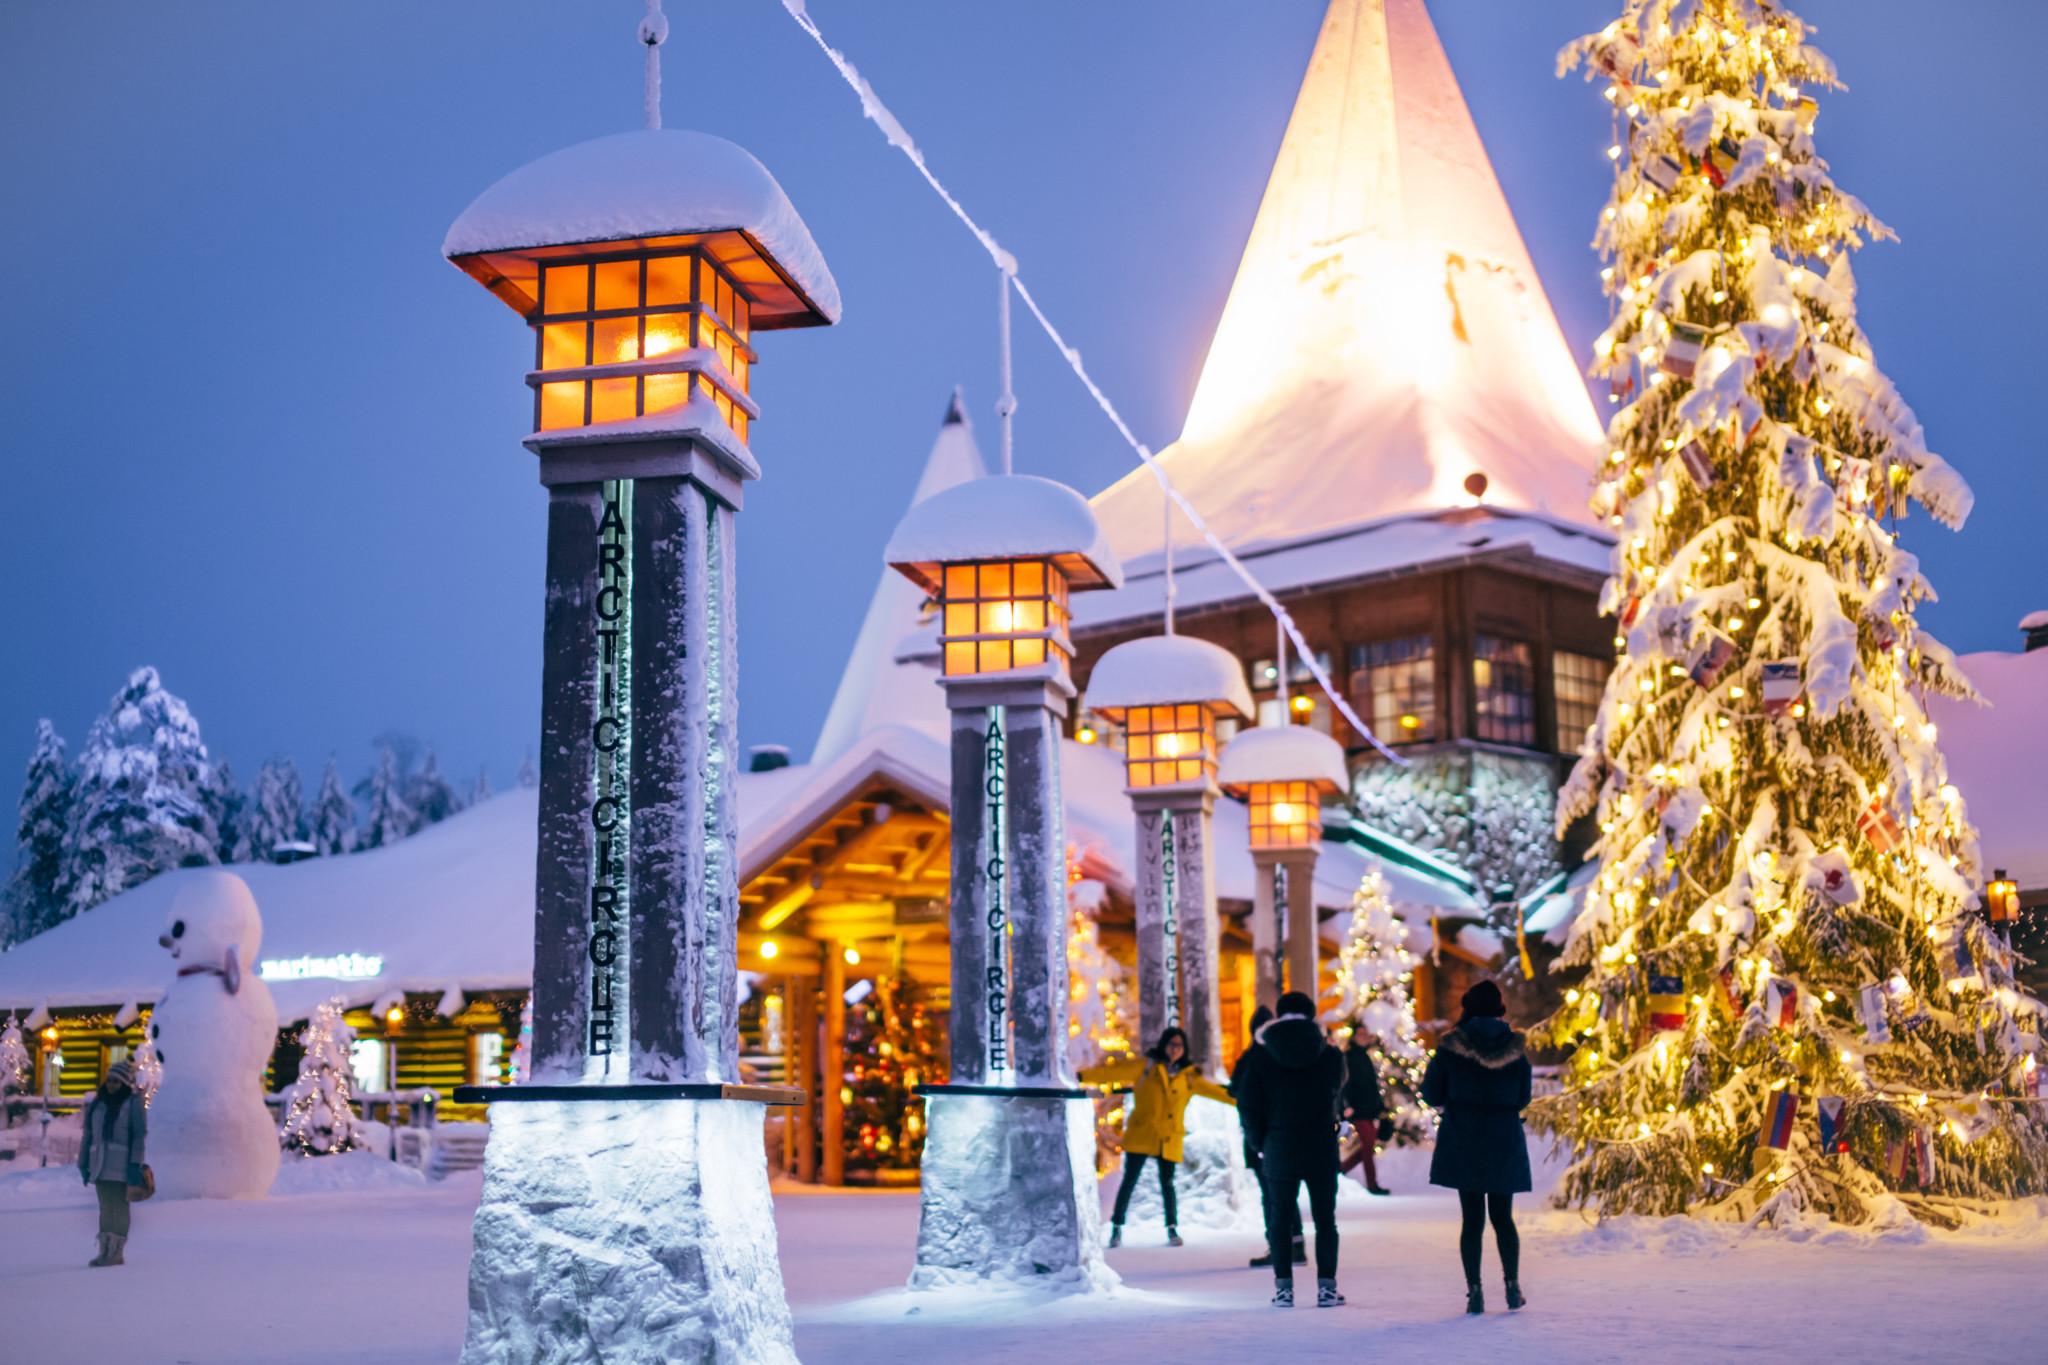 Joulupunkin Pajakylä Visit Rovaniemi Lapland Finland